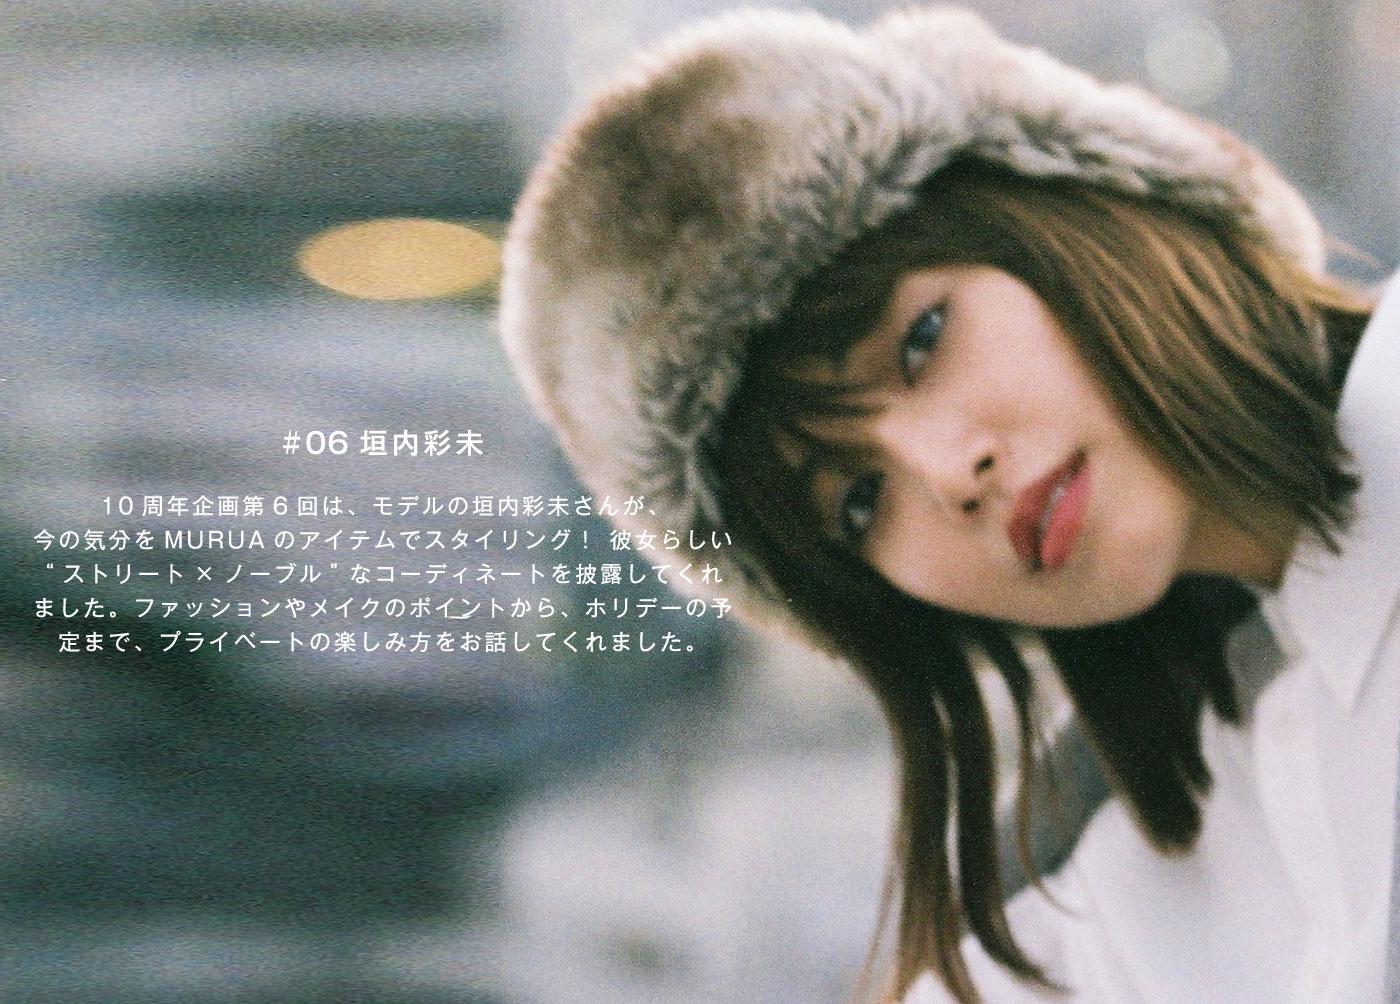 #06 垣内彩未